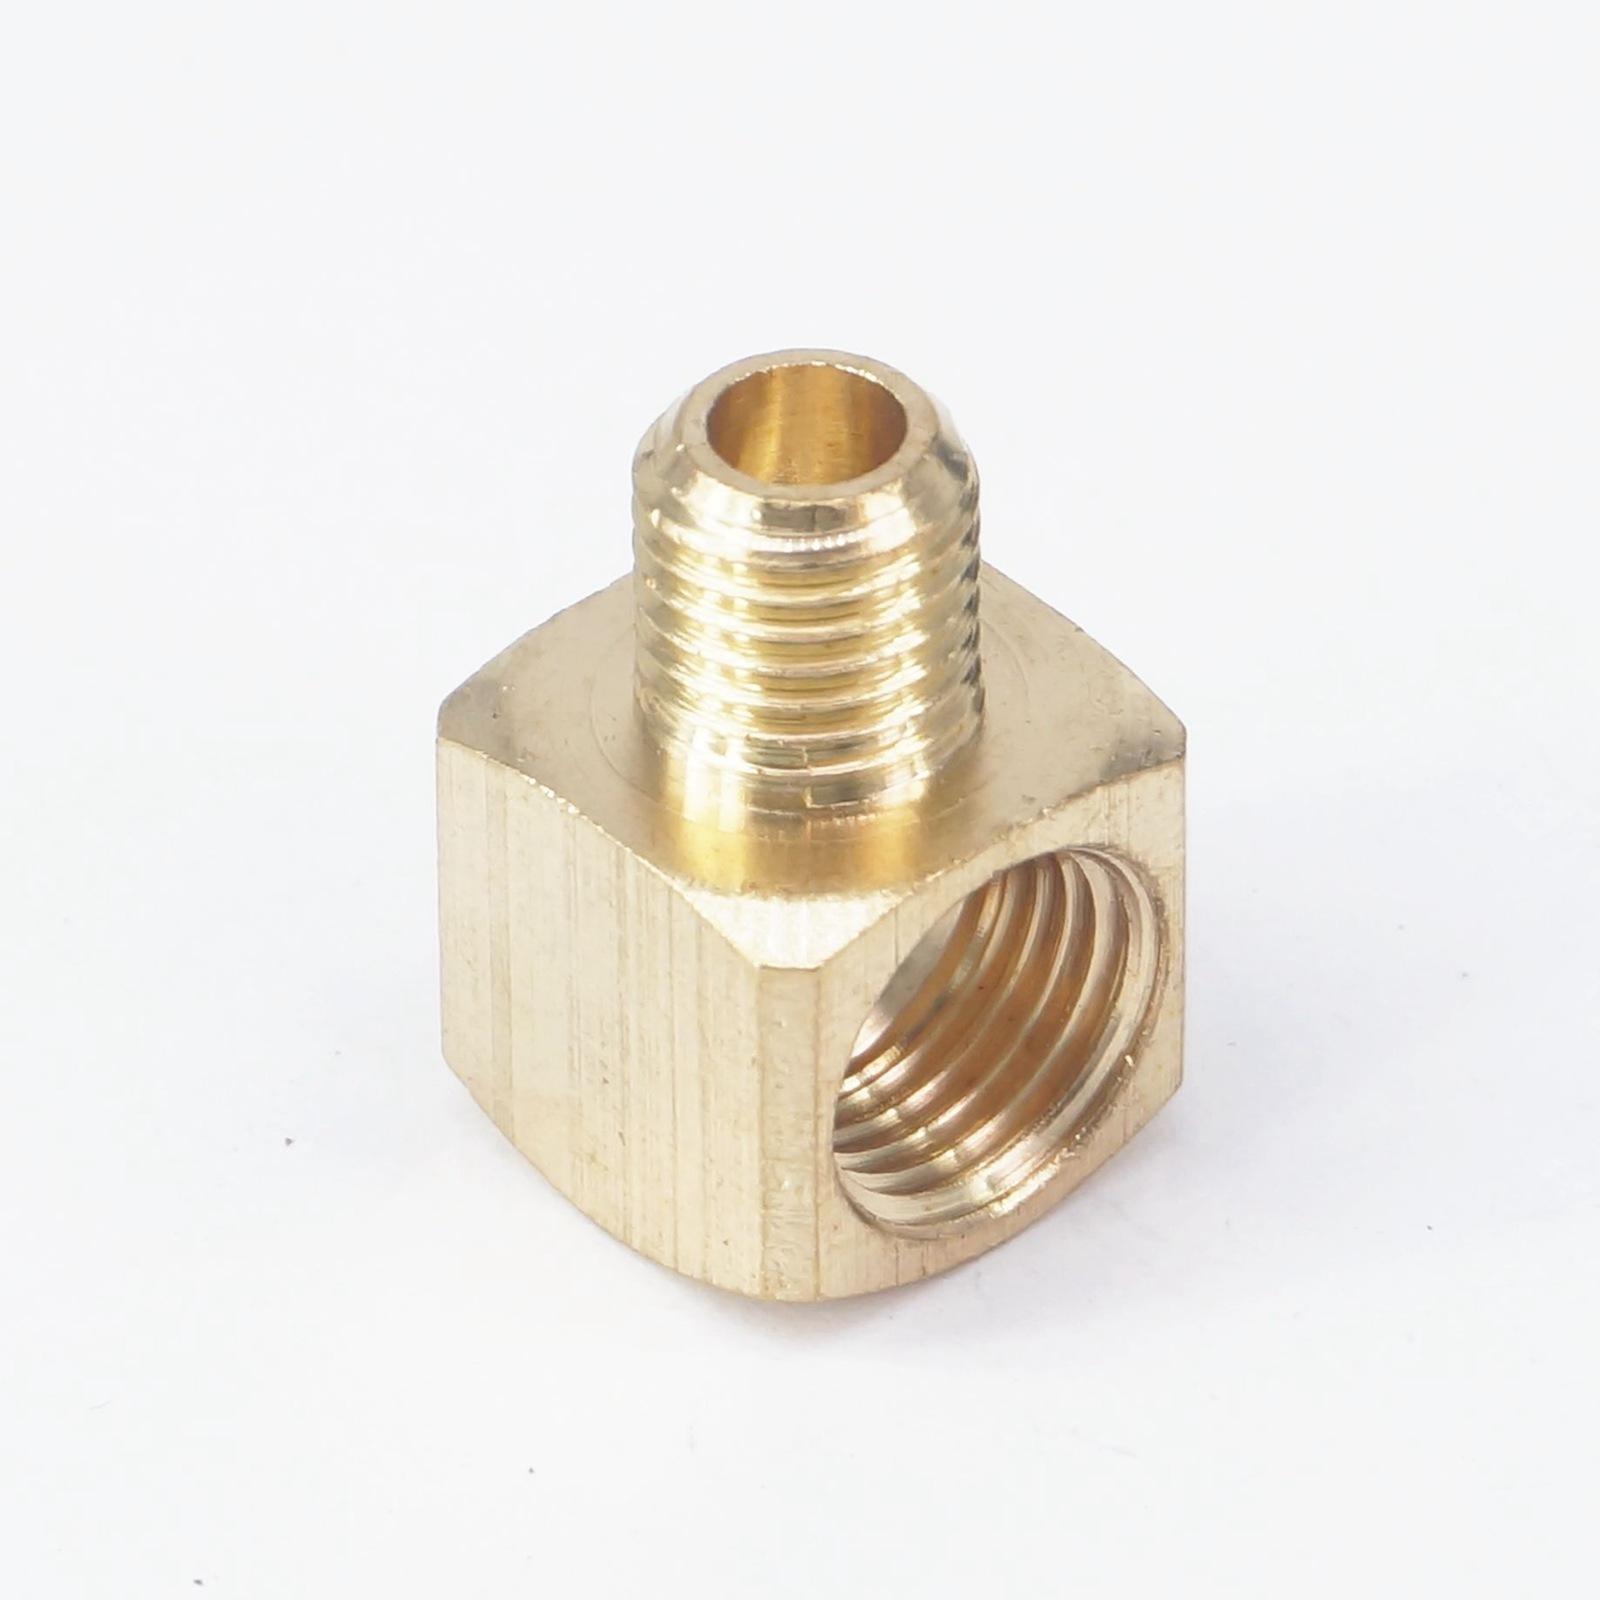 Conector de instalación de tuberías de latón codo de 90 grados de hilo femenino adaptador de manguera M8 macho a M10x1mm